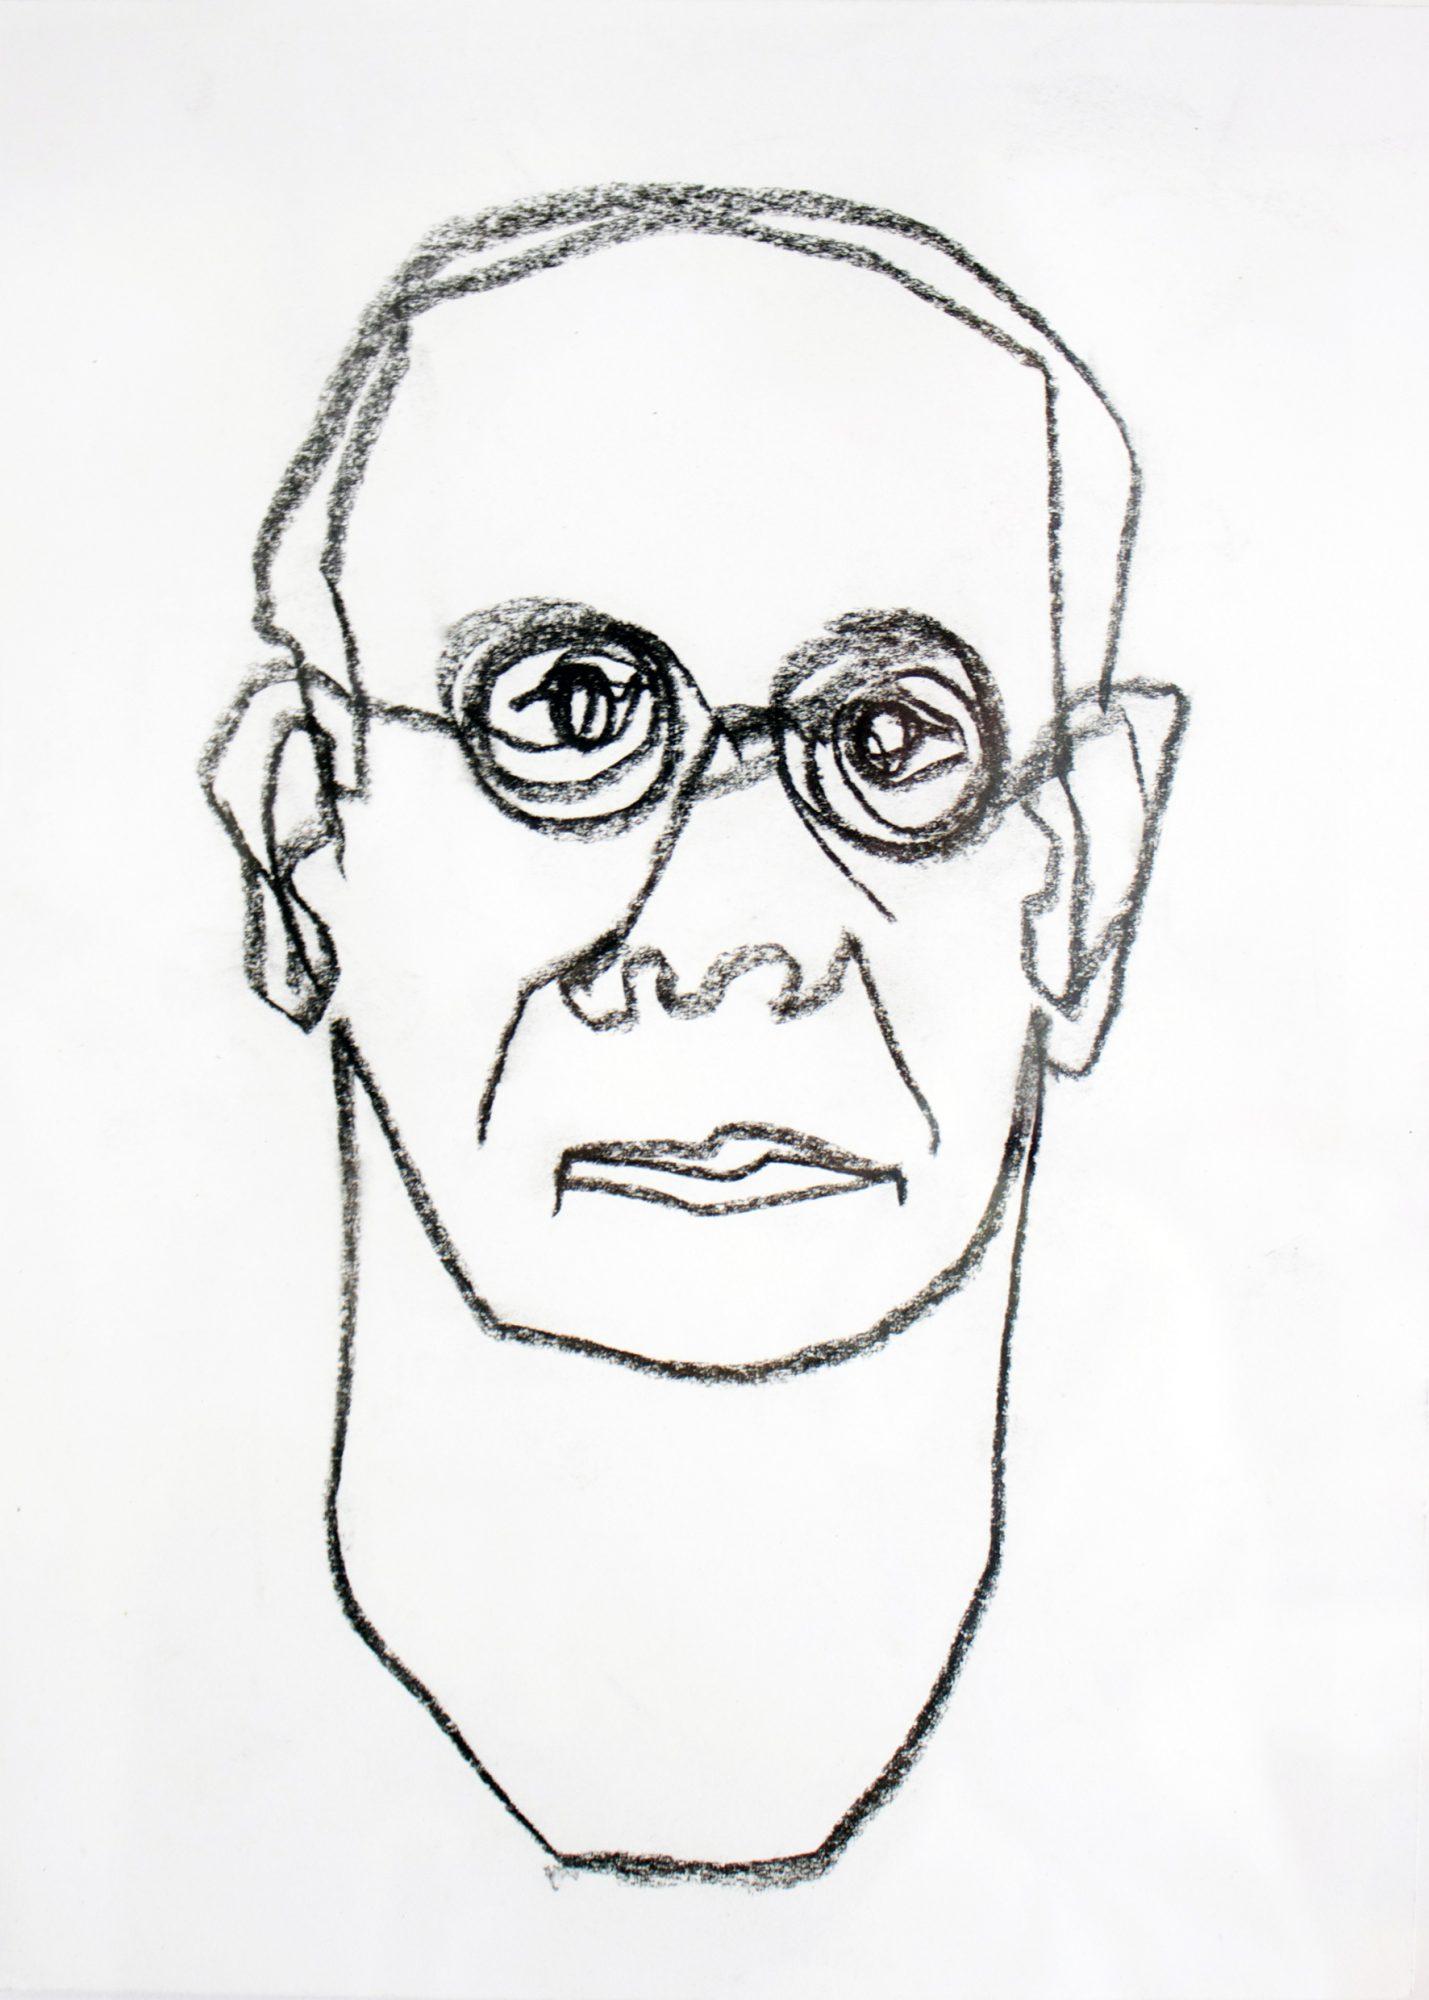 45-caelum-drawing-21-x-15-2011